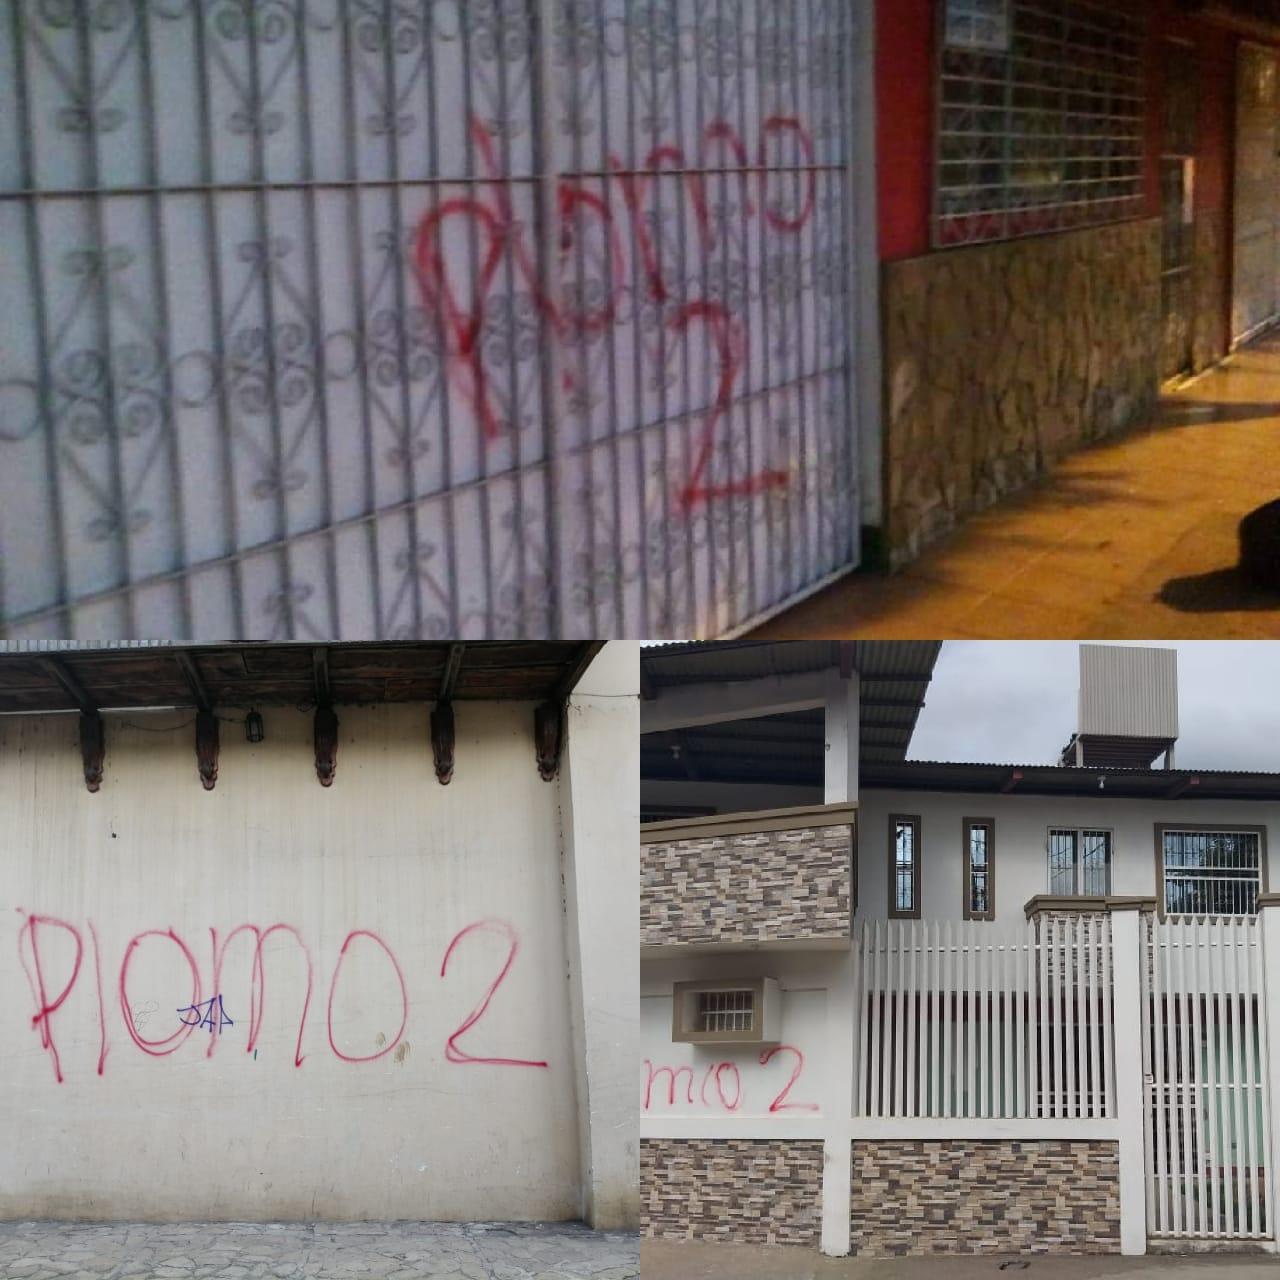 Marcan casas de opositores al régimen de Daniel Ortega en la ciudad de Masaya